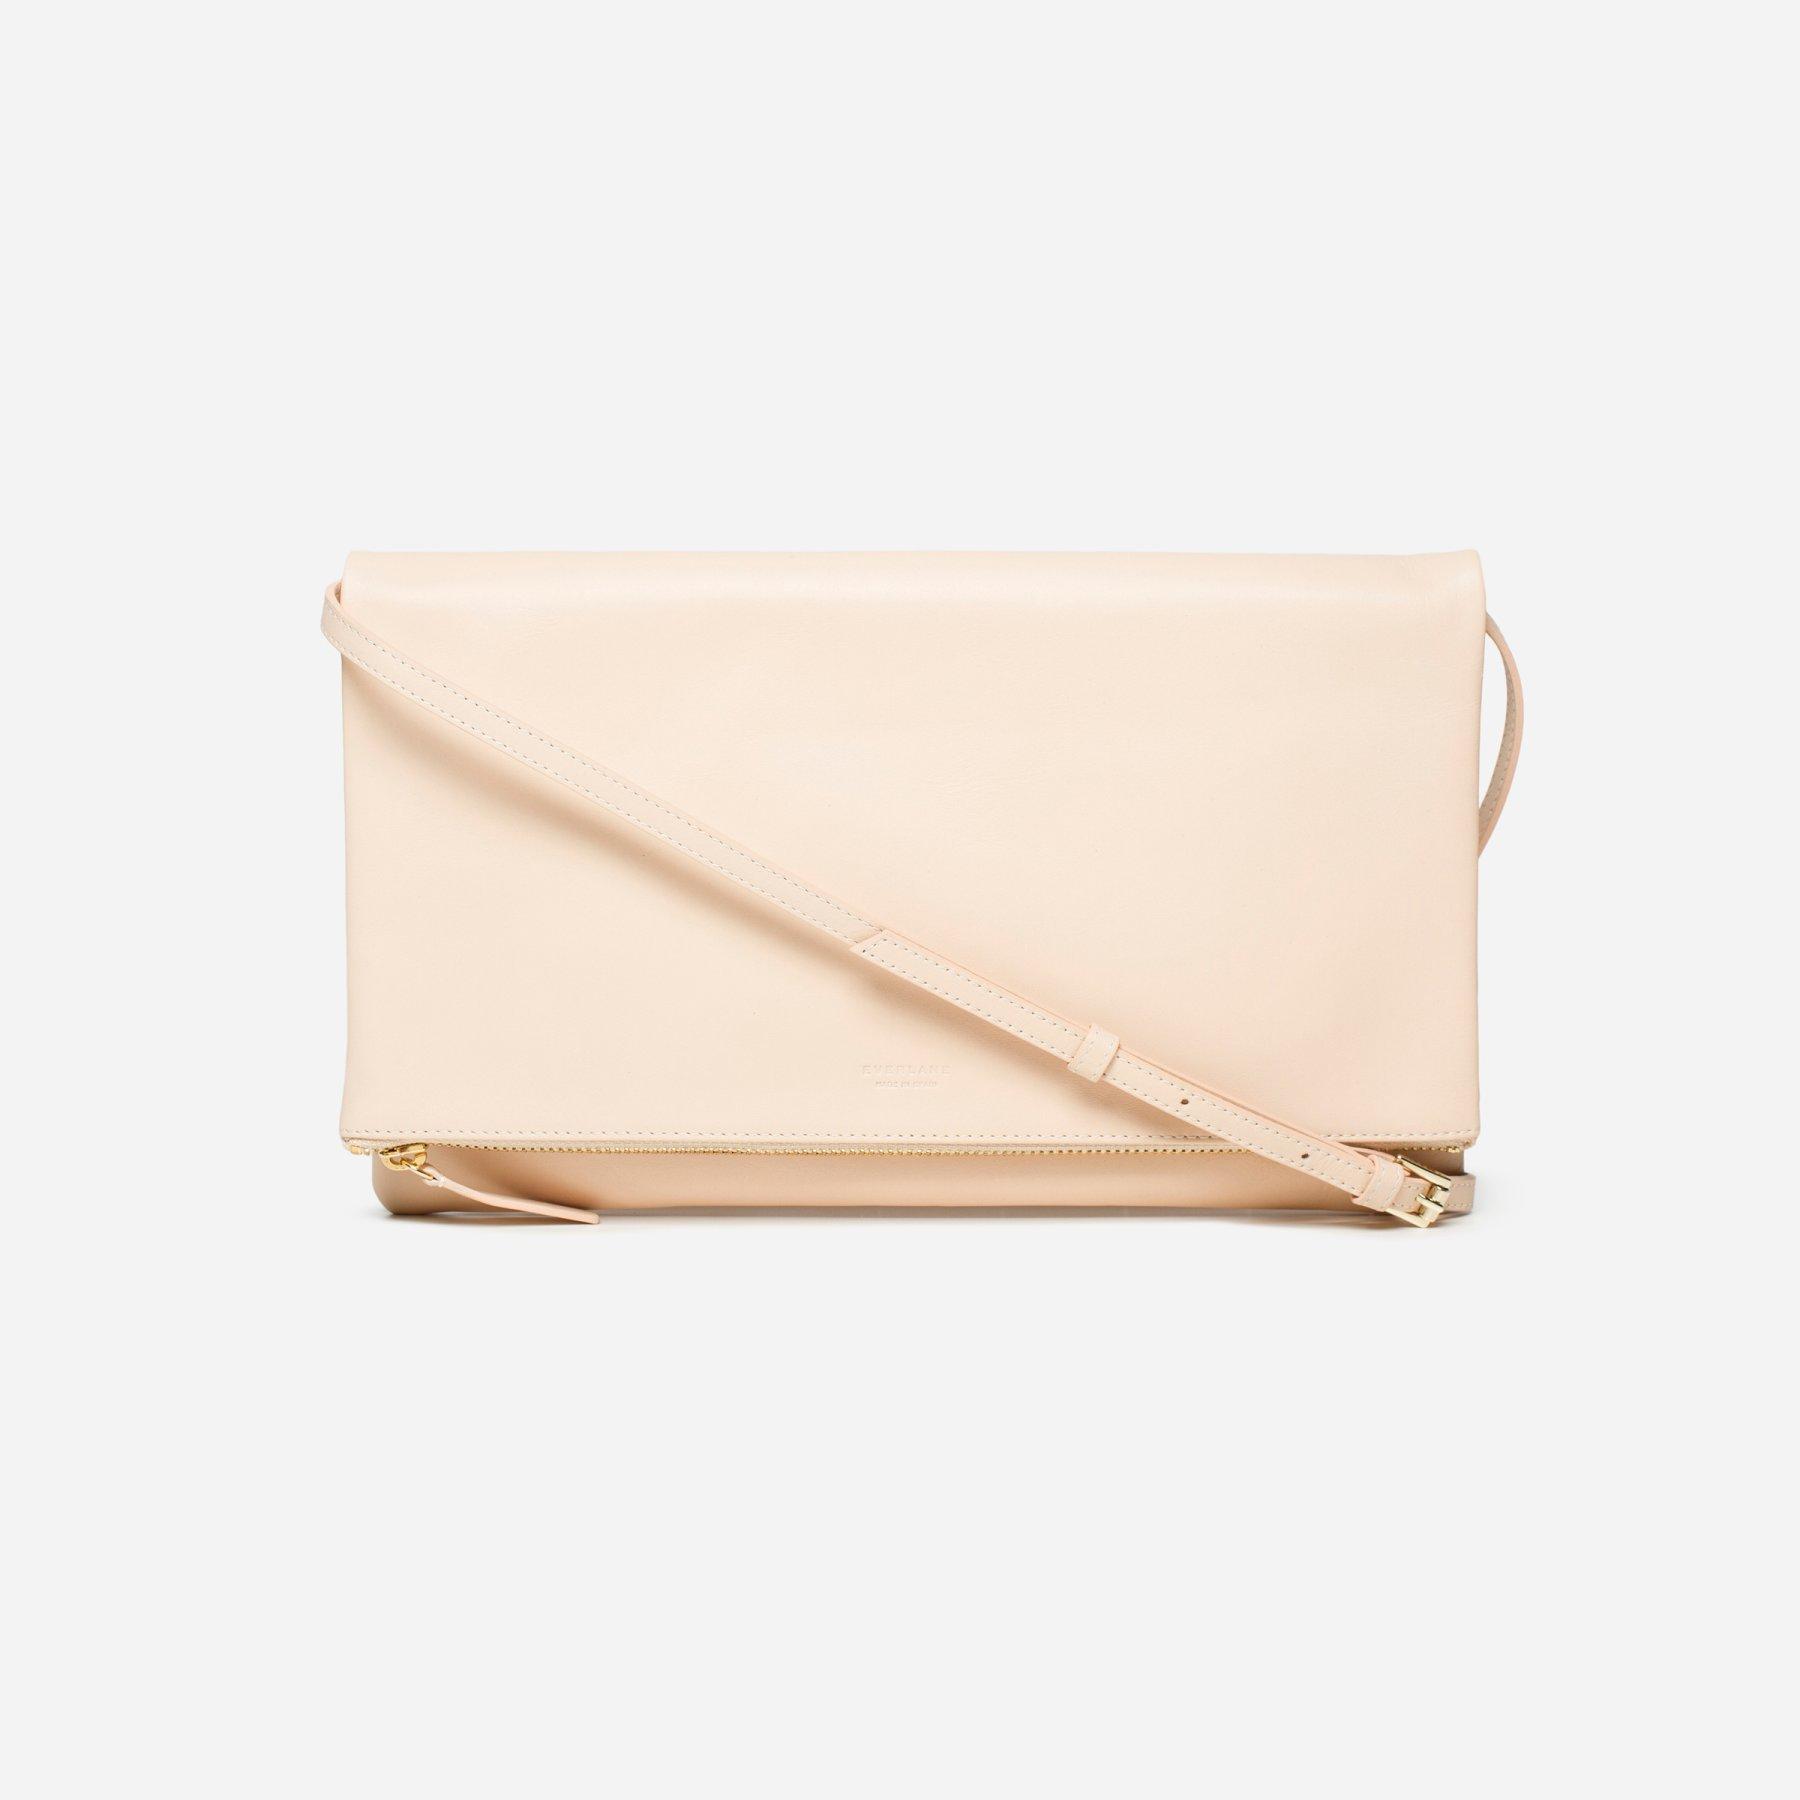 nude neutral handbag.jpg